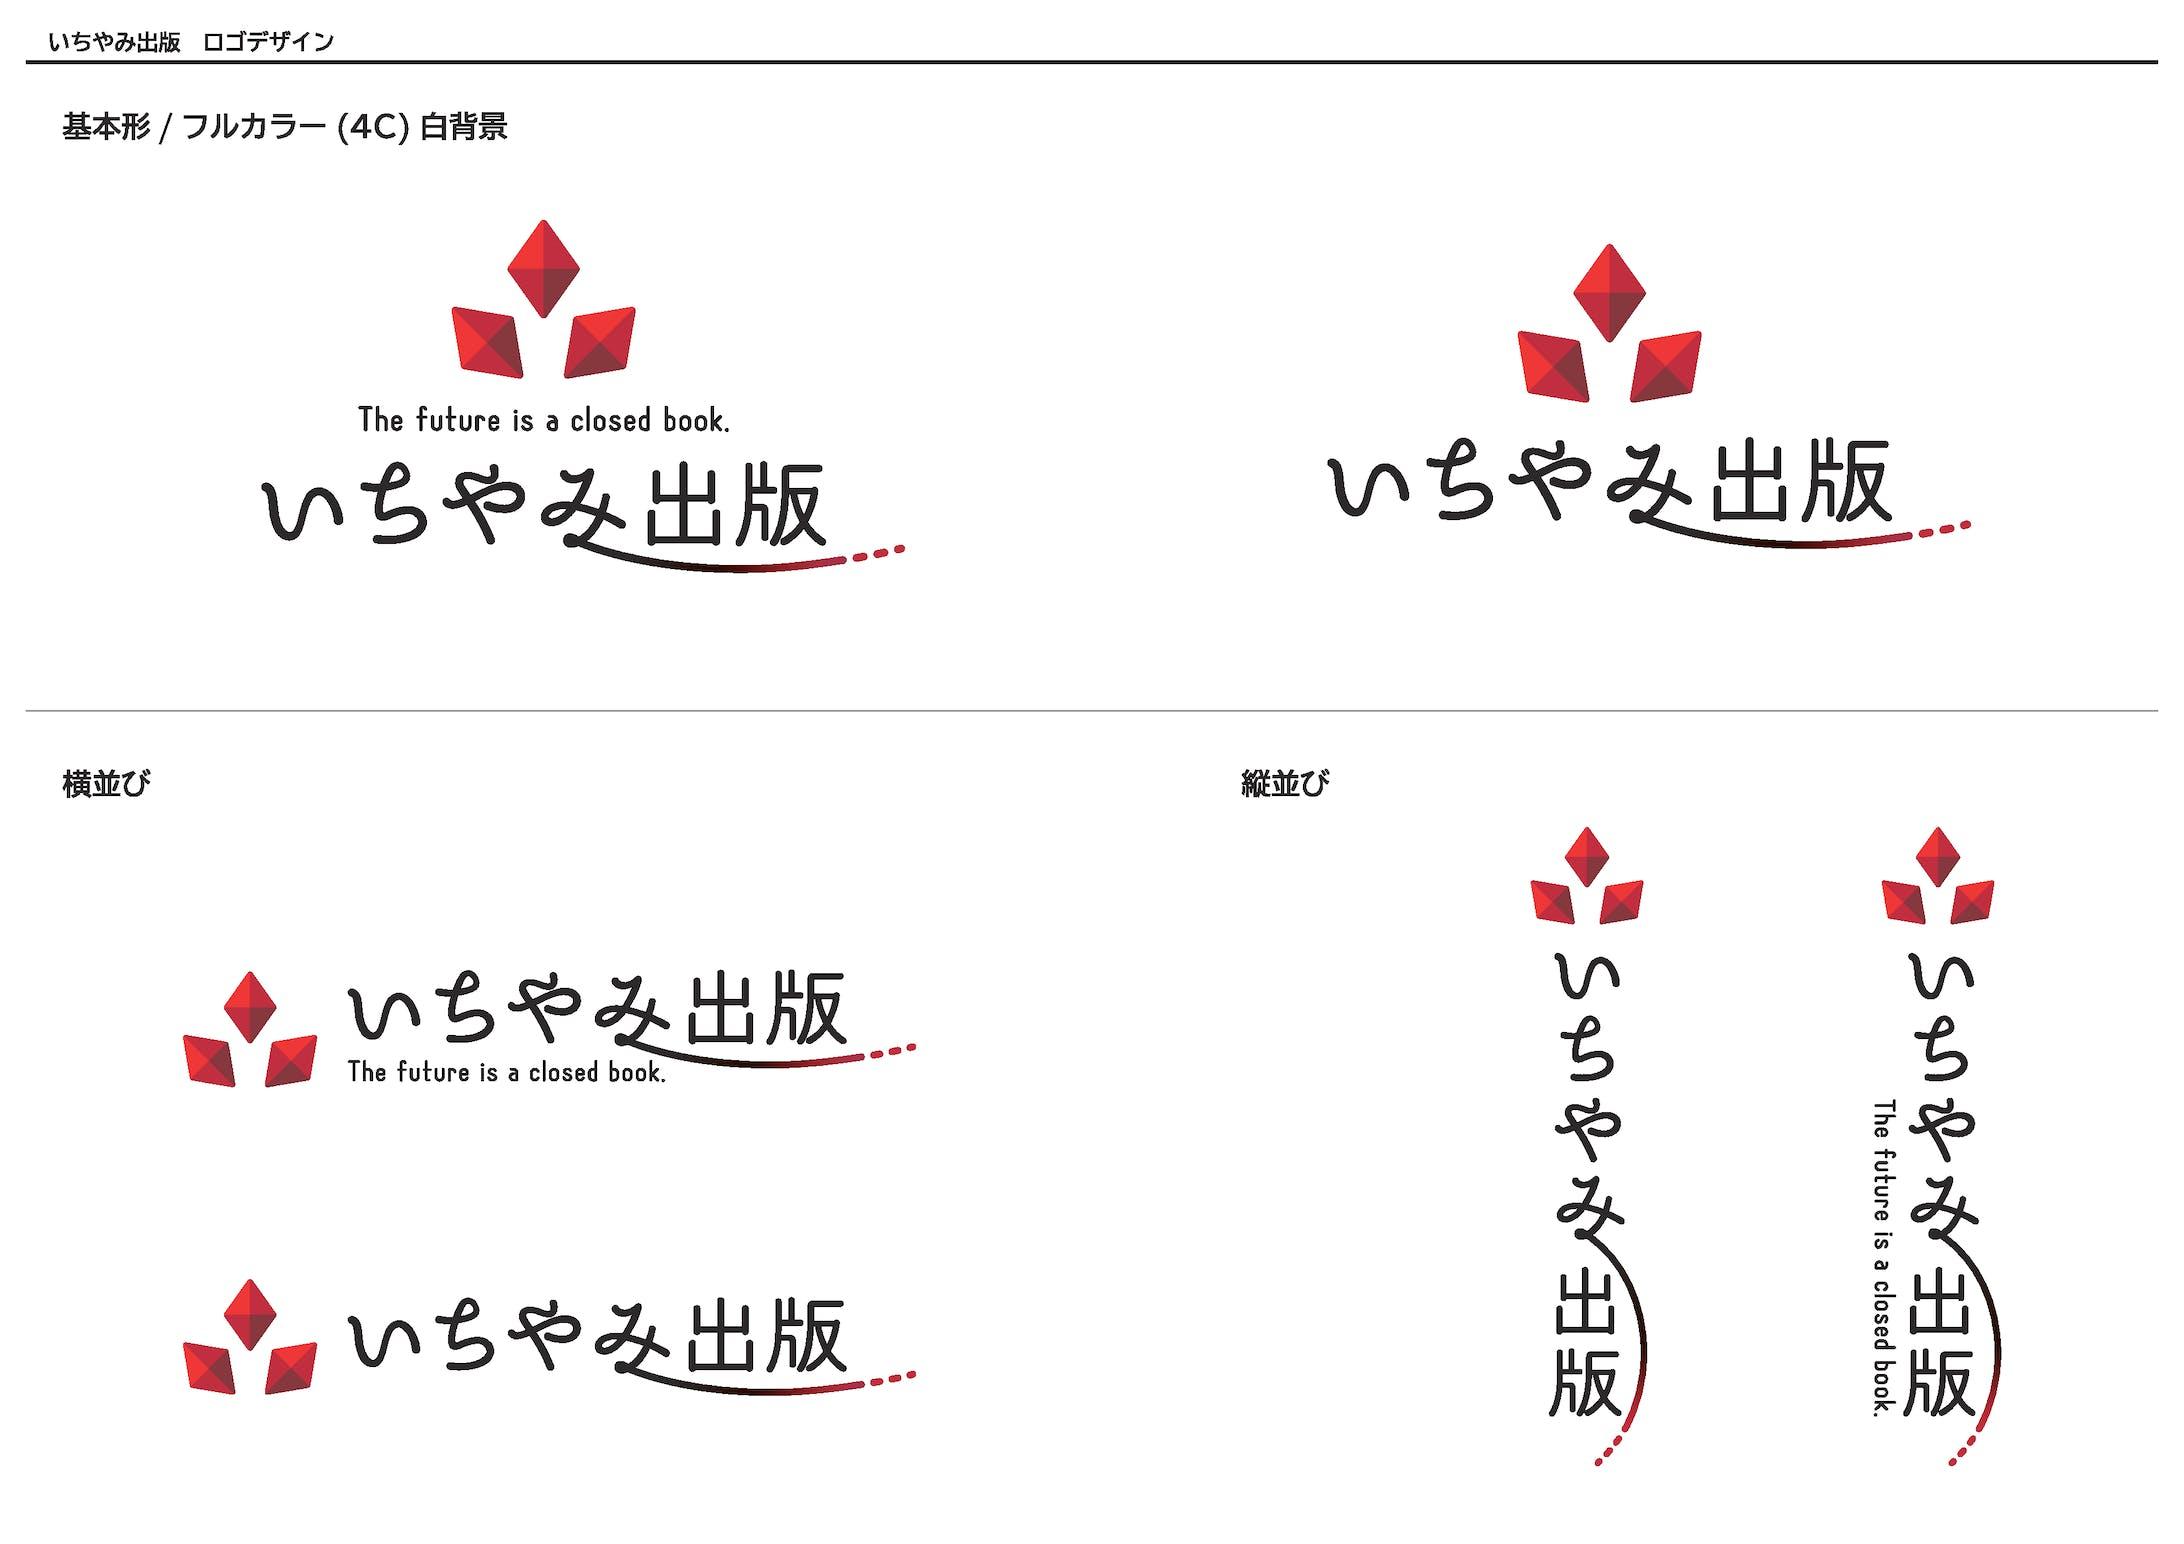 ロゴデザイン【いちやみ出版】-3